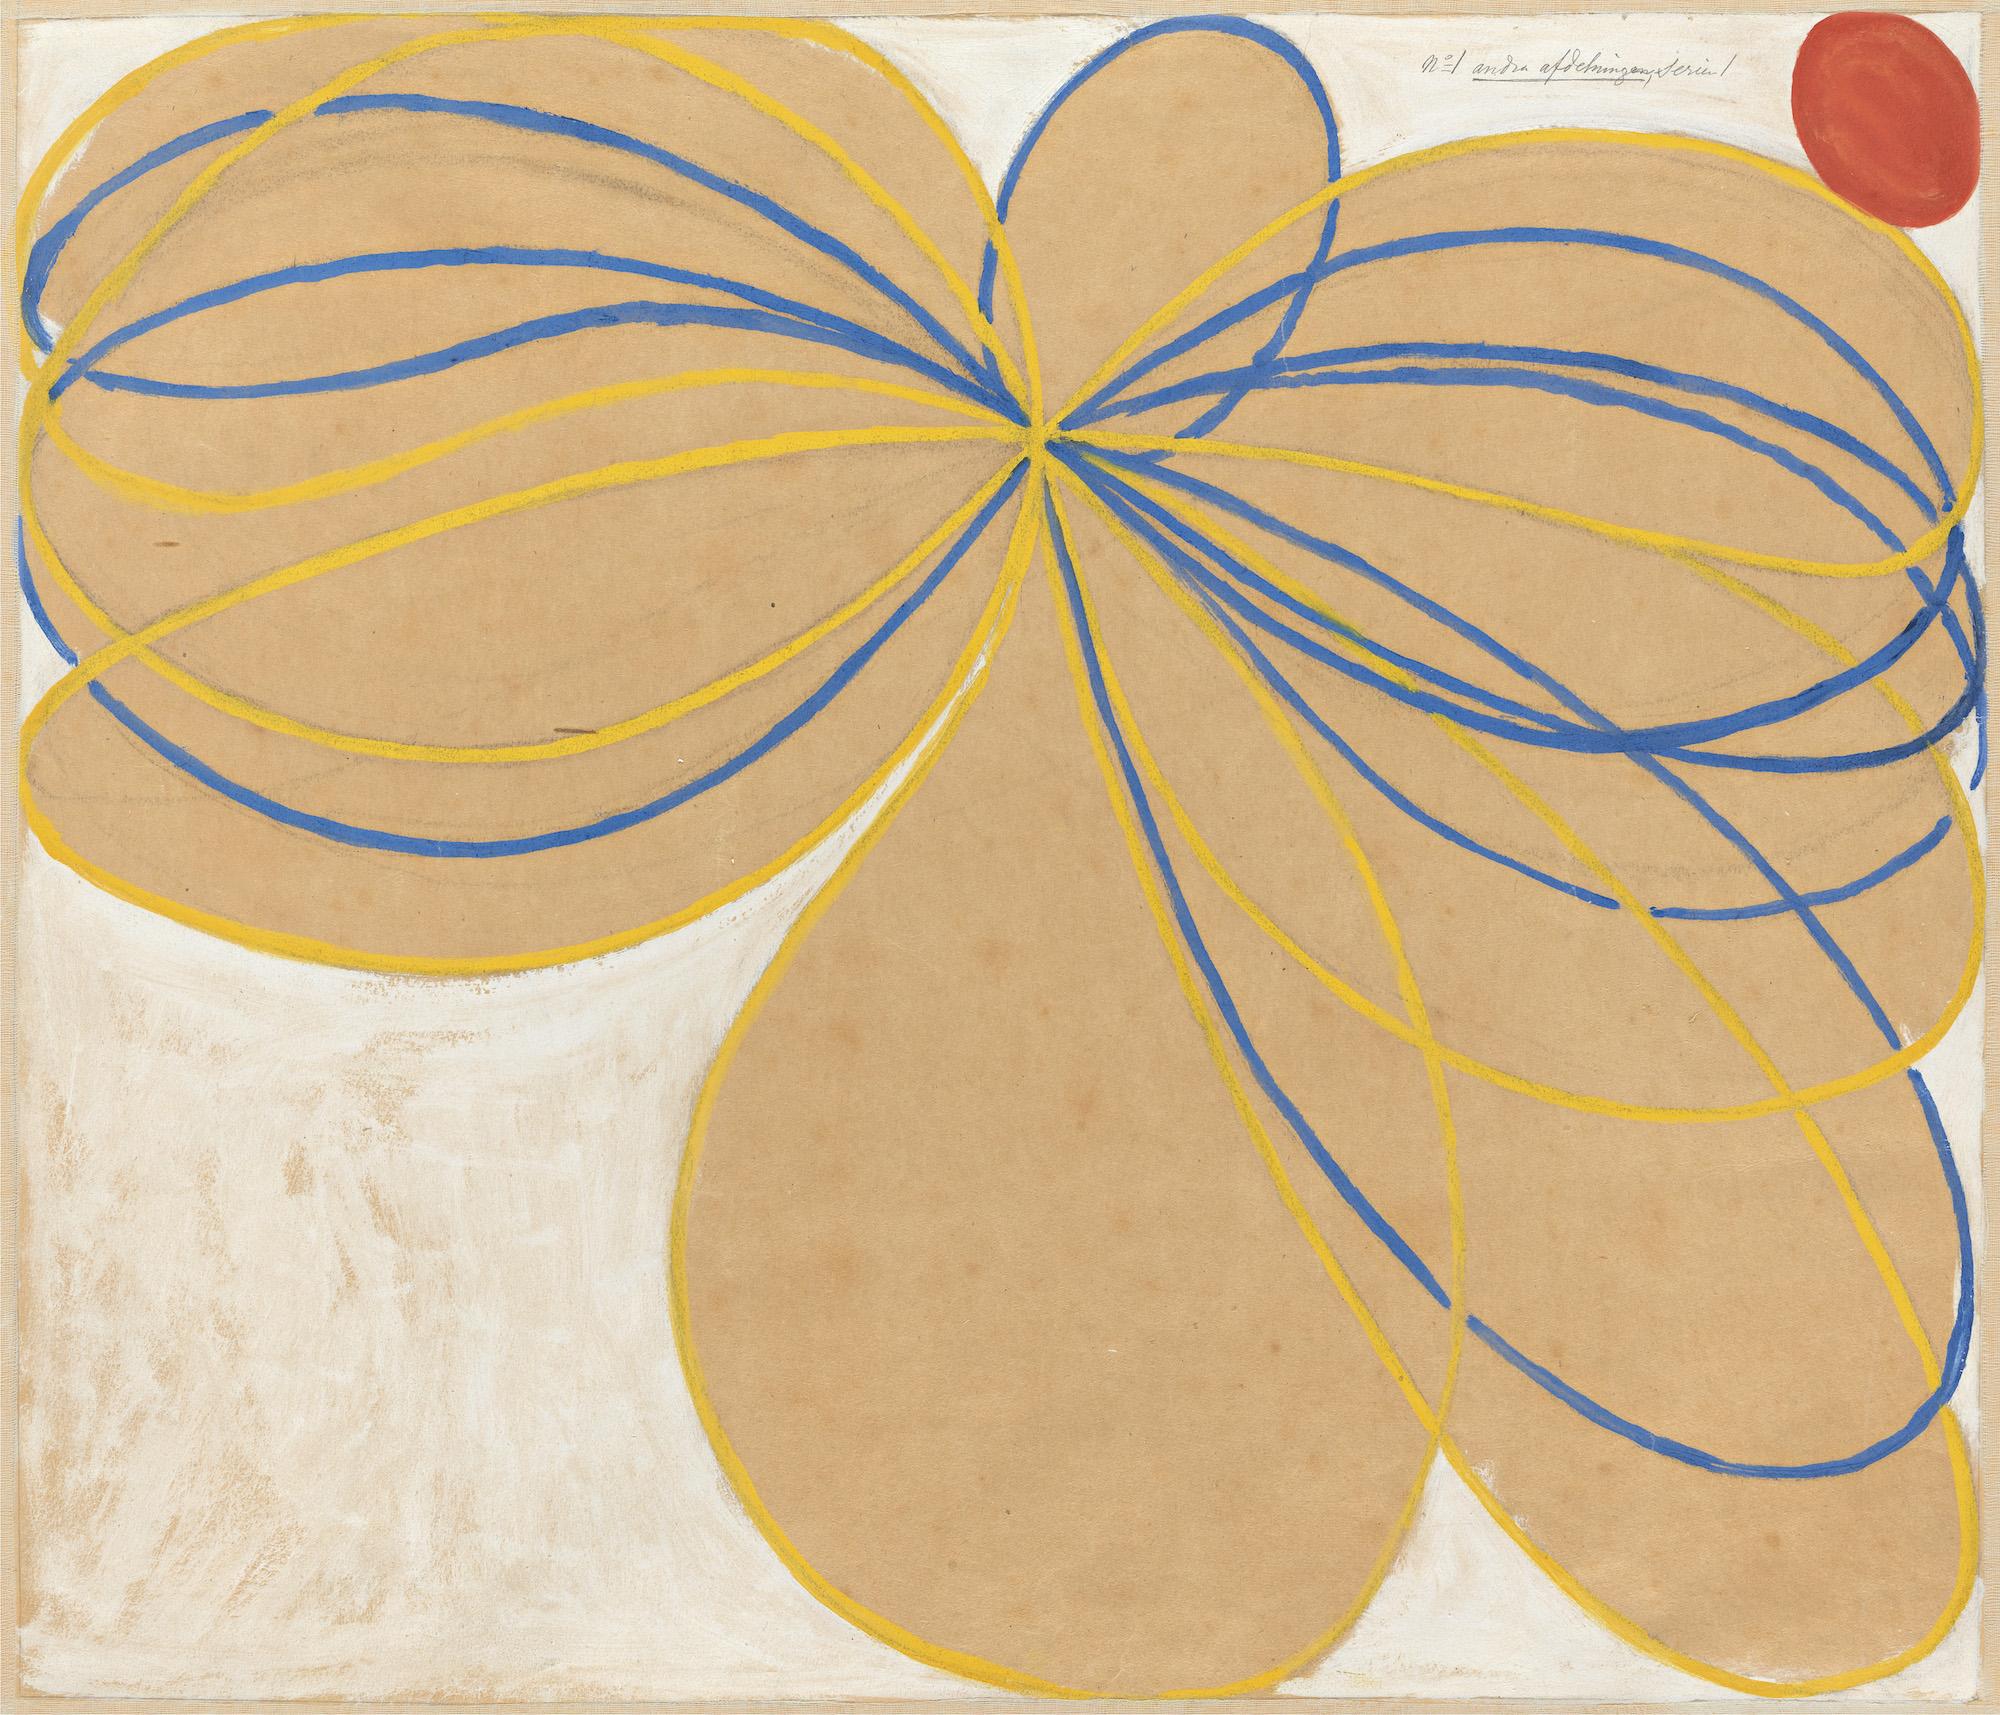 Hilma af Klint Group V, The Seven-Pointed Star, No. 1n (Grupp V, Sjustjärnan, nr 1), 1908 from The WUS/Seven-Pointed Star Series (Serie WUS/Sjustjärnan). Courtesy The Hilma af Klint Foundation, Stockholm